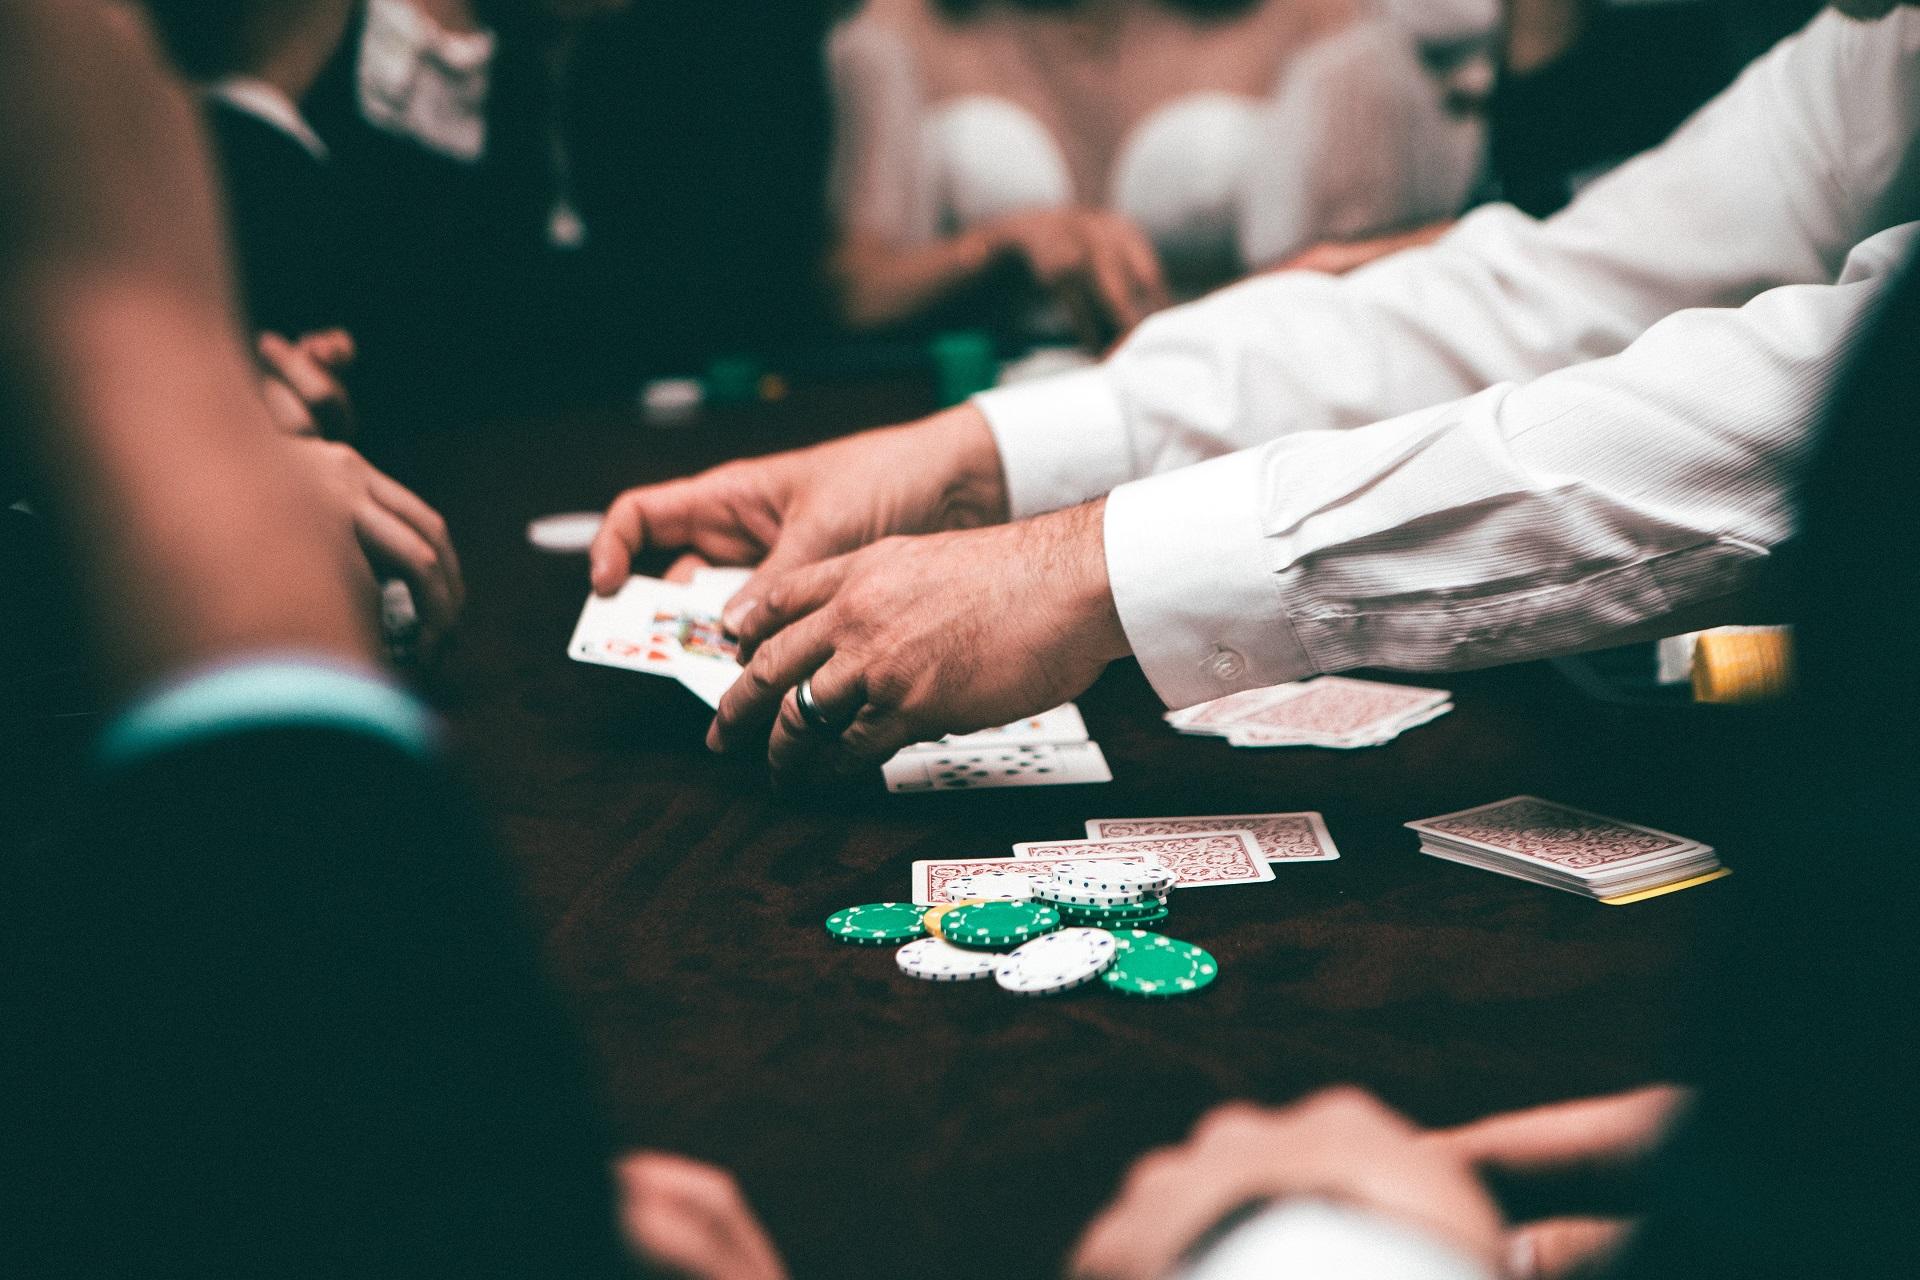 ギャンブル中に従うべきいくつかの安全な慣行